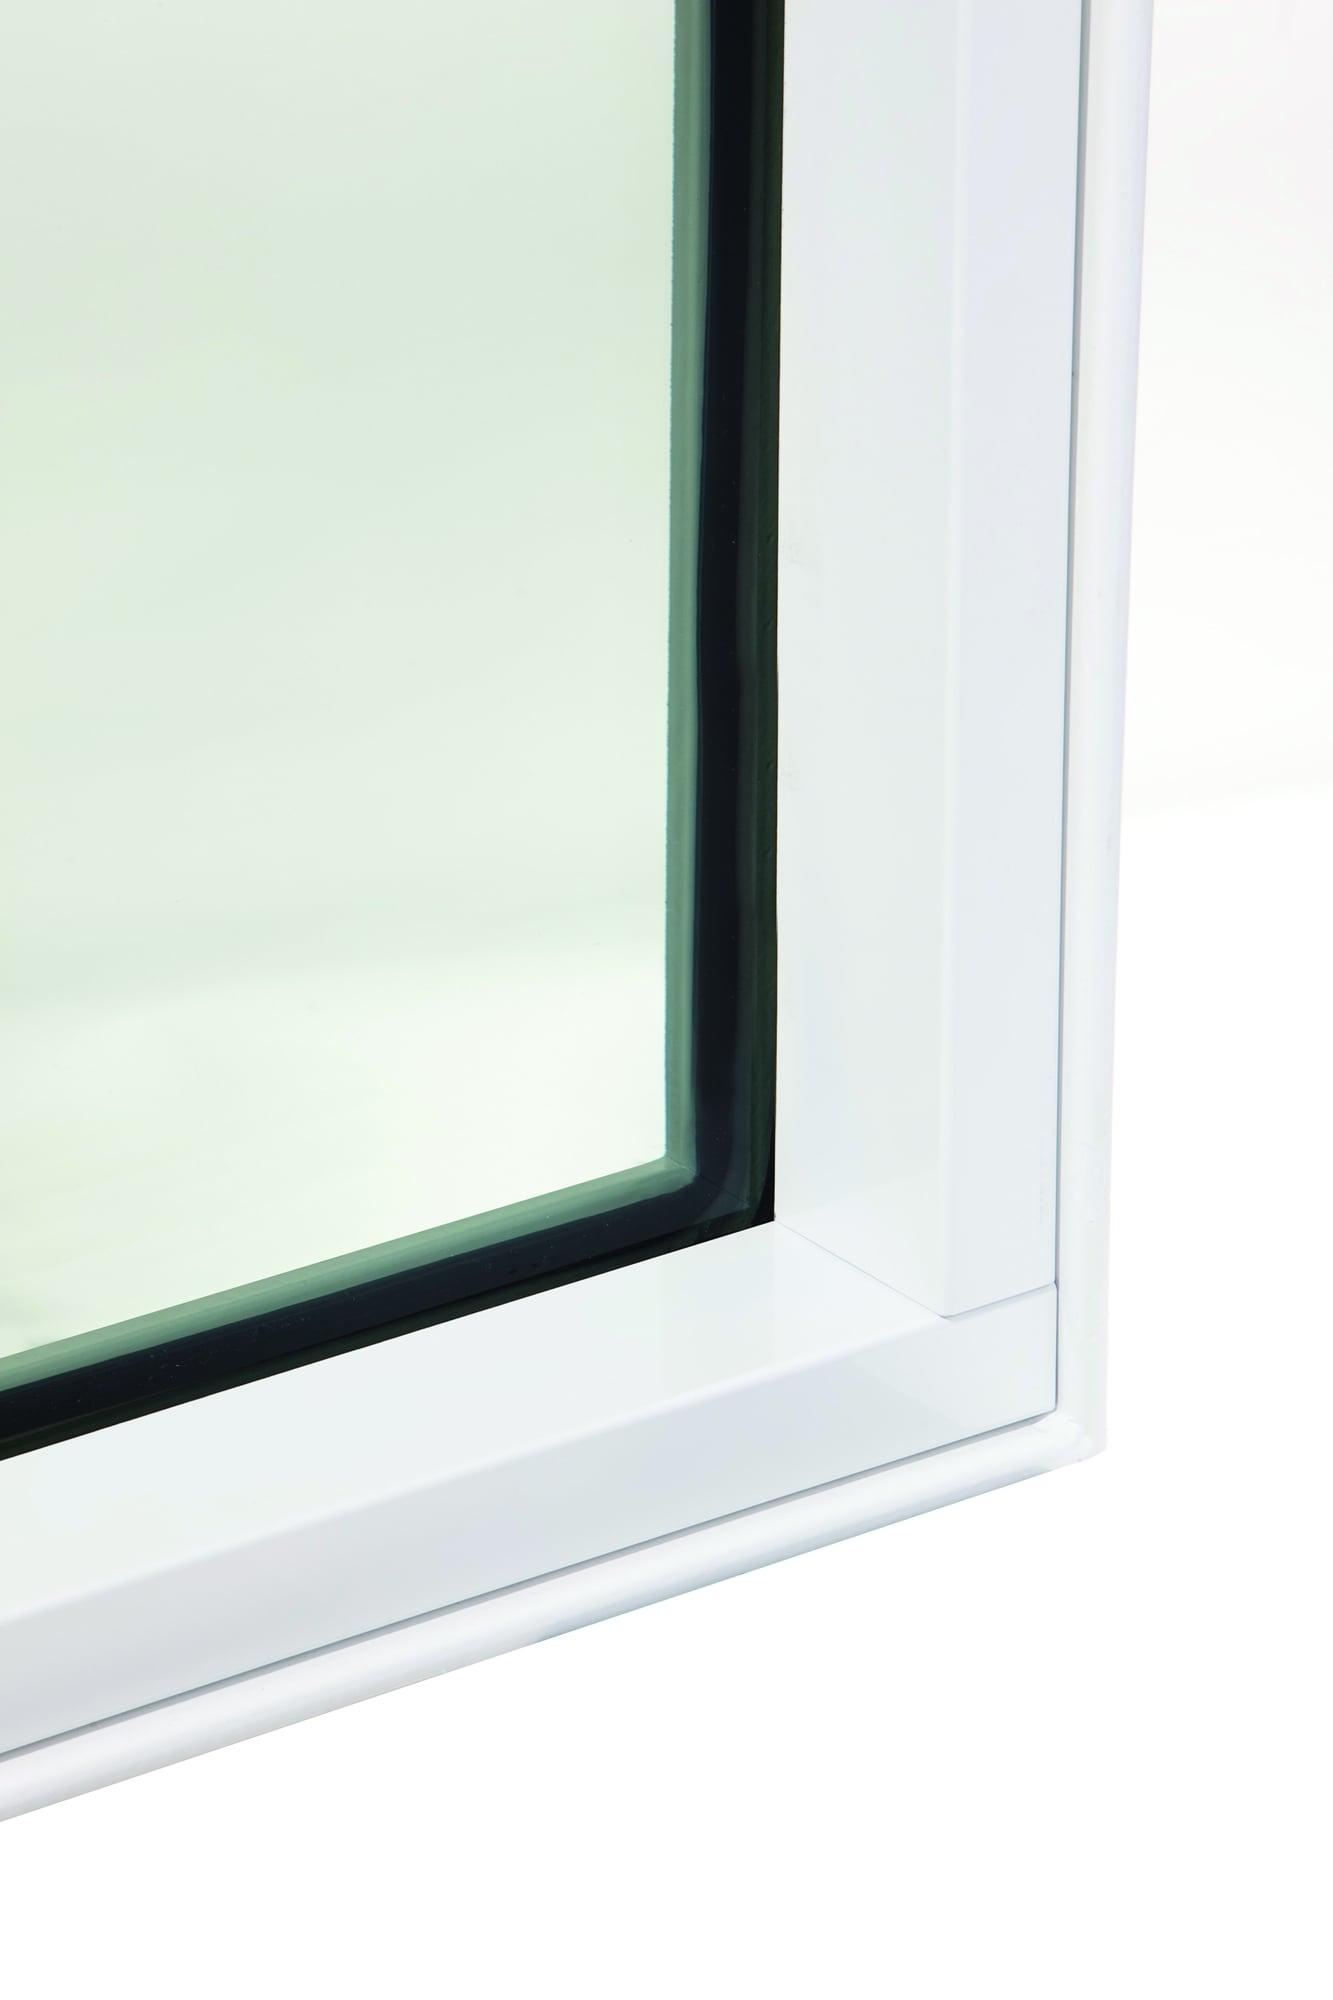 Steel Security Windows   UL & NIJ Tested   Ross Technology